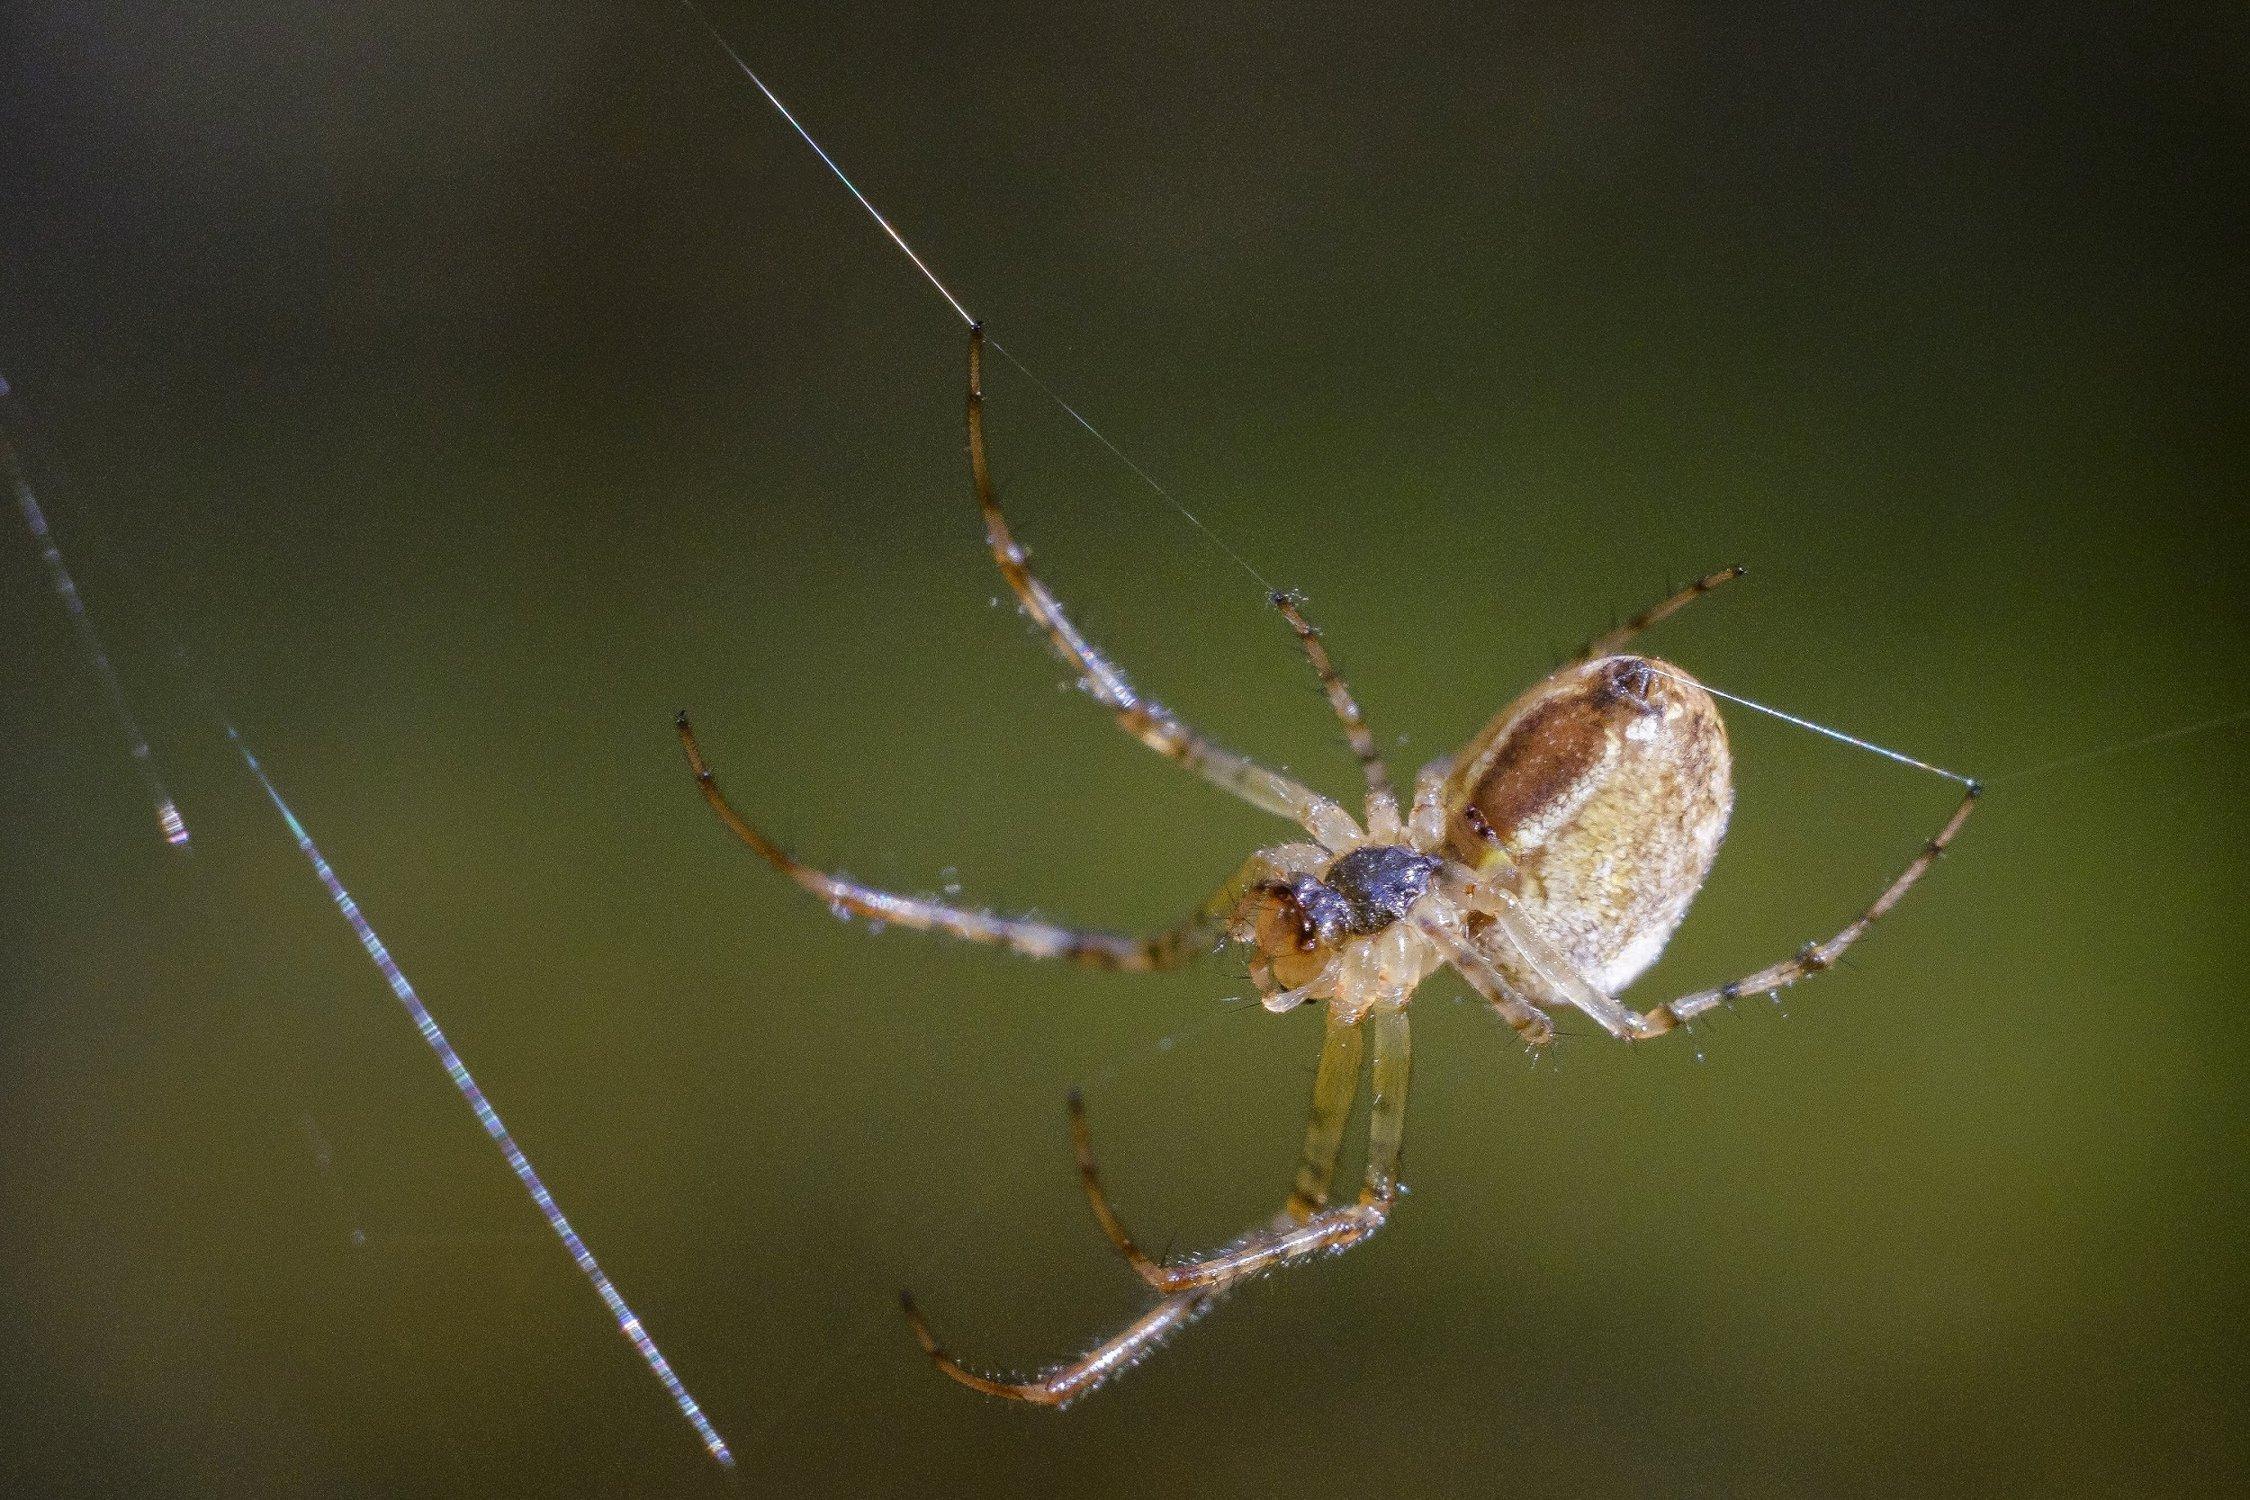 Эти хрупкие на вид паучки входят в семейство тетрагнатид. Они окрашены в светлый серый или коричневый цвет, имеют продолговатое небольшое тельце и длинные тонкие ноги. Длина тела вязальщиков может достигать 30 мм. Вид очень редко встречается в постройках и предпочитает селиться в садах, парках и лесах. Яд паука вязальщика абсолютно безвреден для человека.